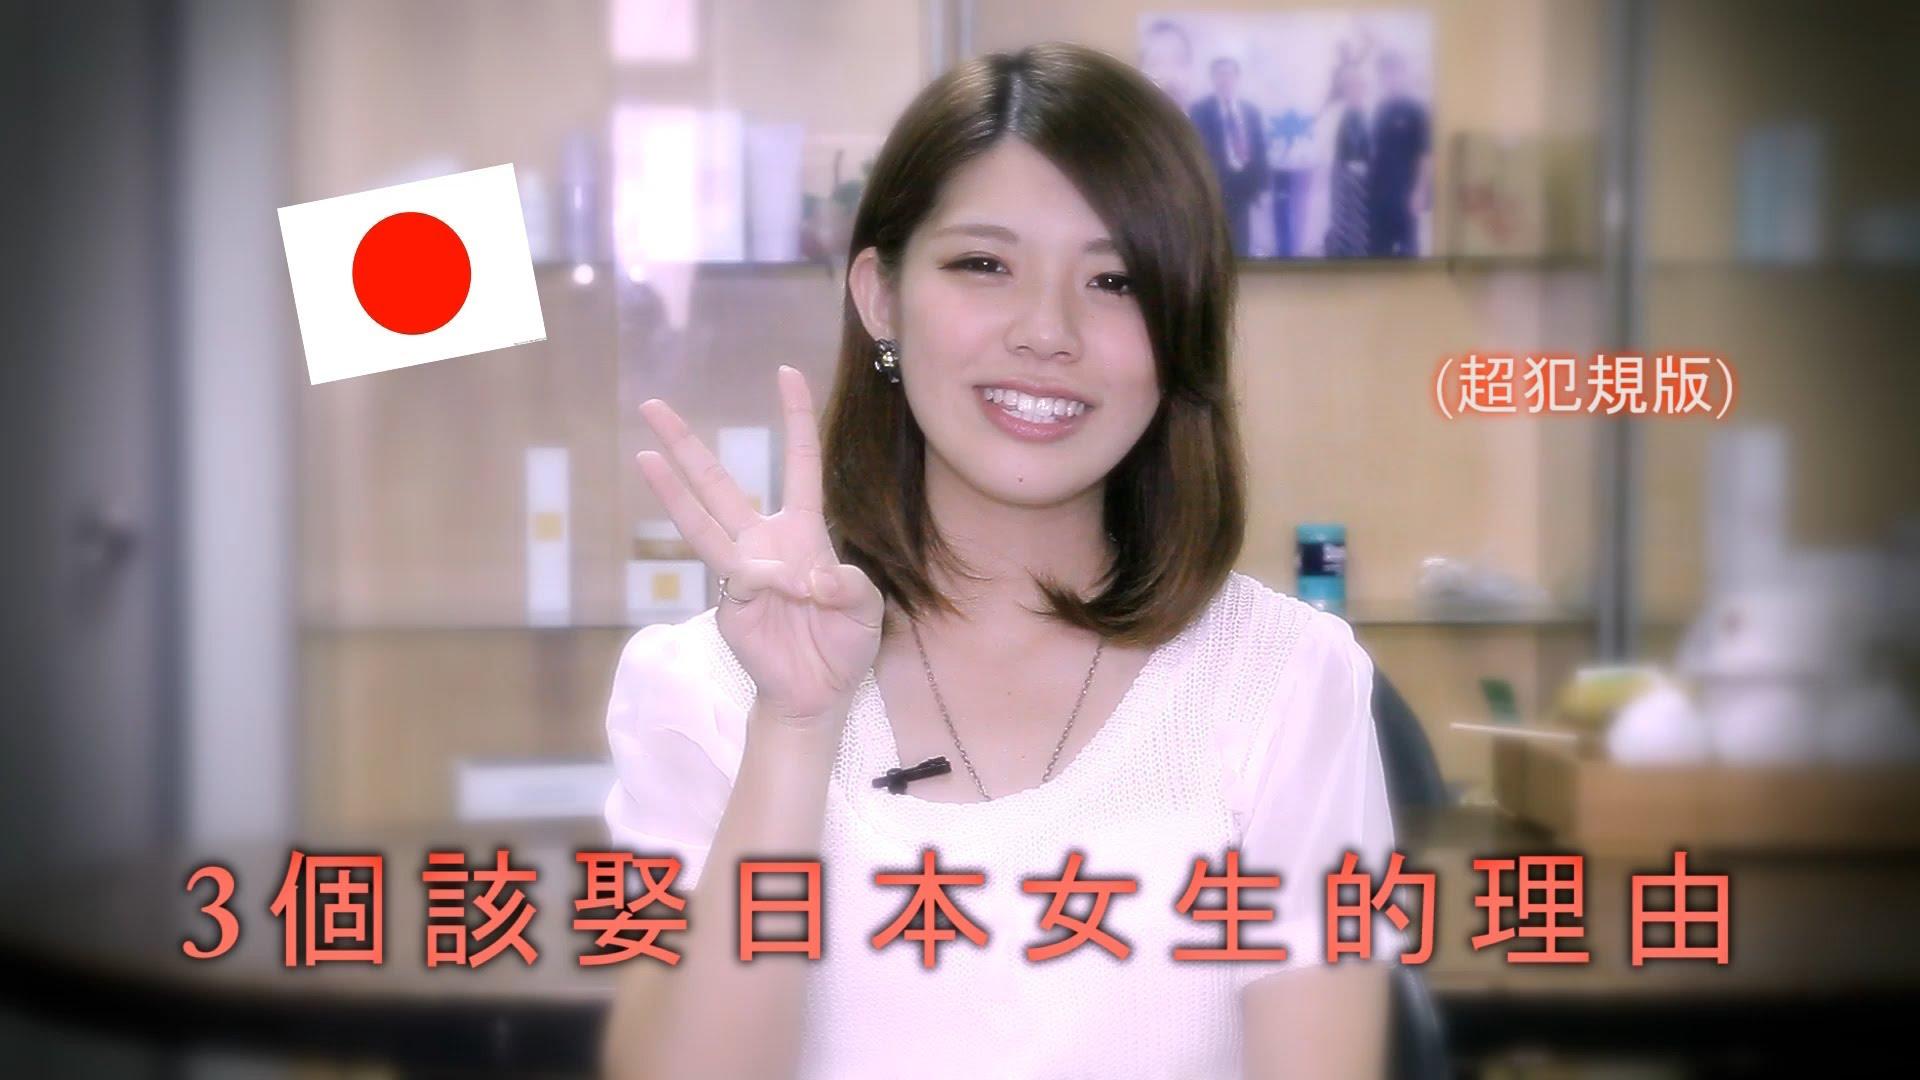 シンガポール人が日本人と結婚すべき理由♡